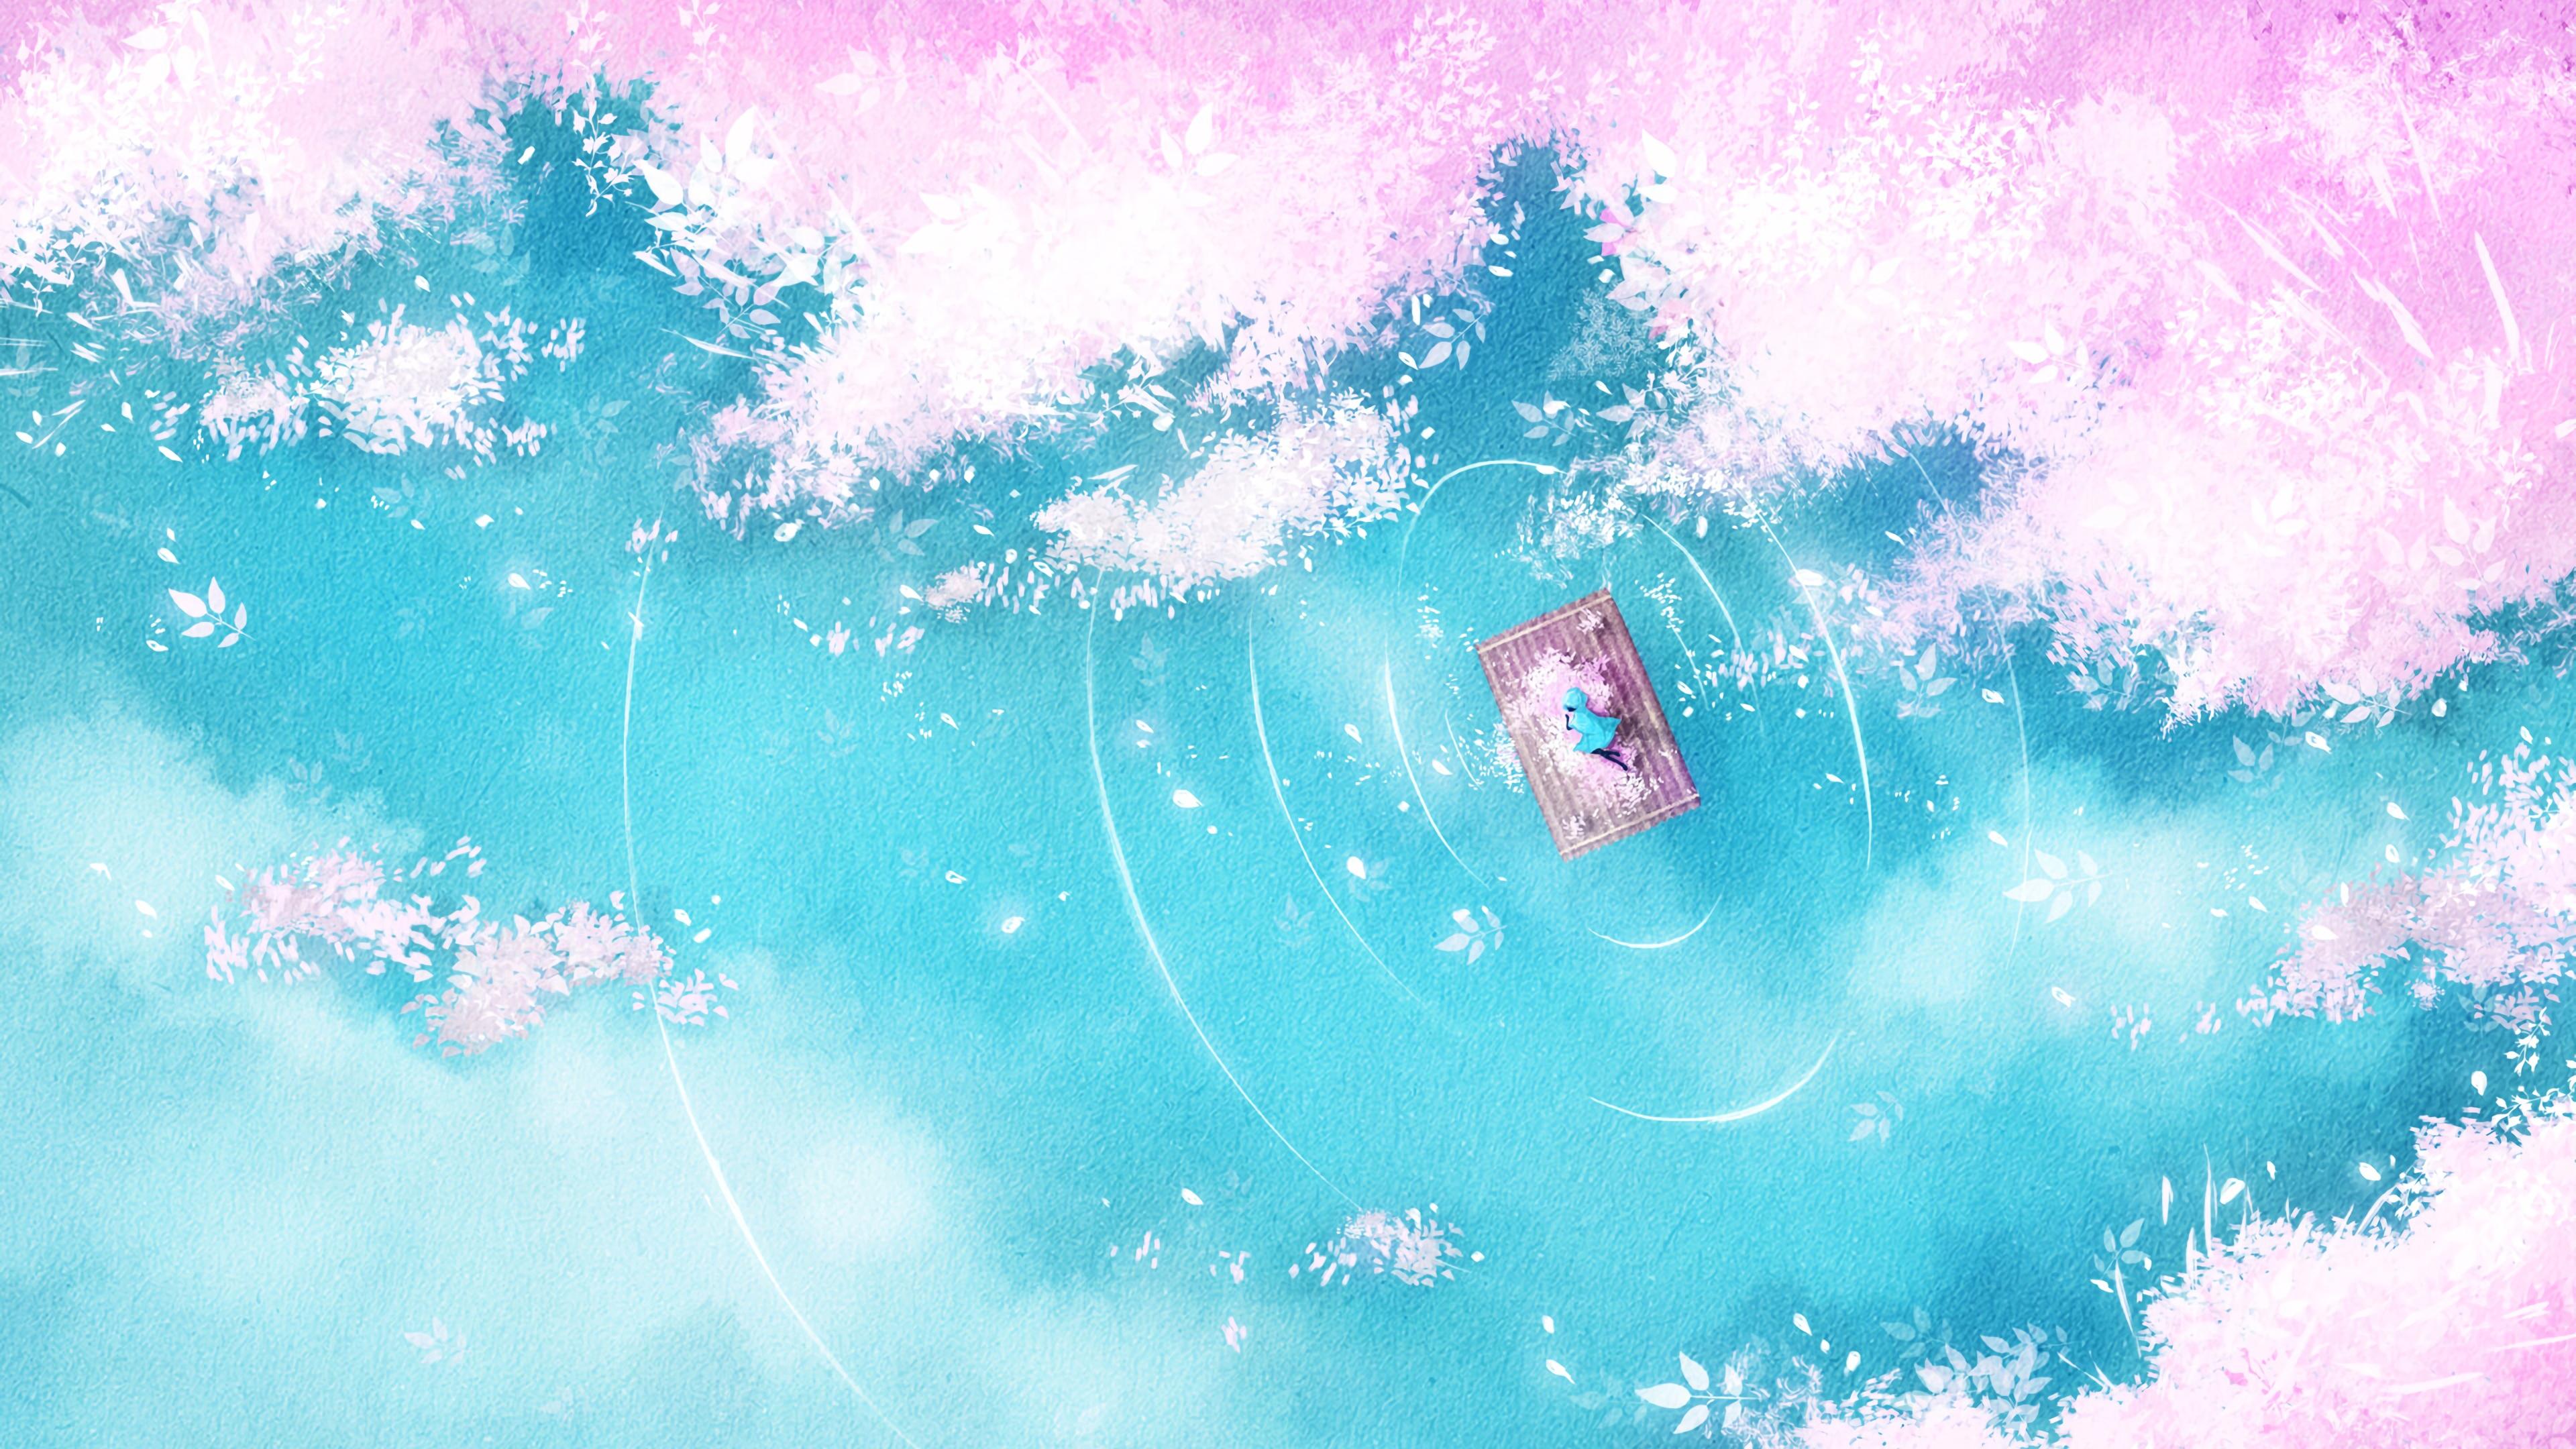 Download wallpaper 3840x2160 lake raft silhouette shore art 4k 3840x2160